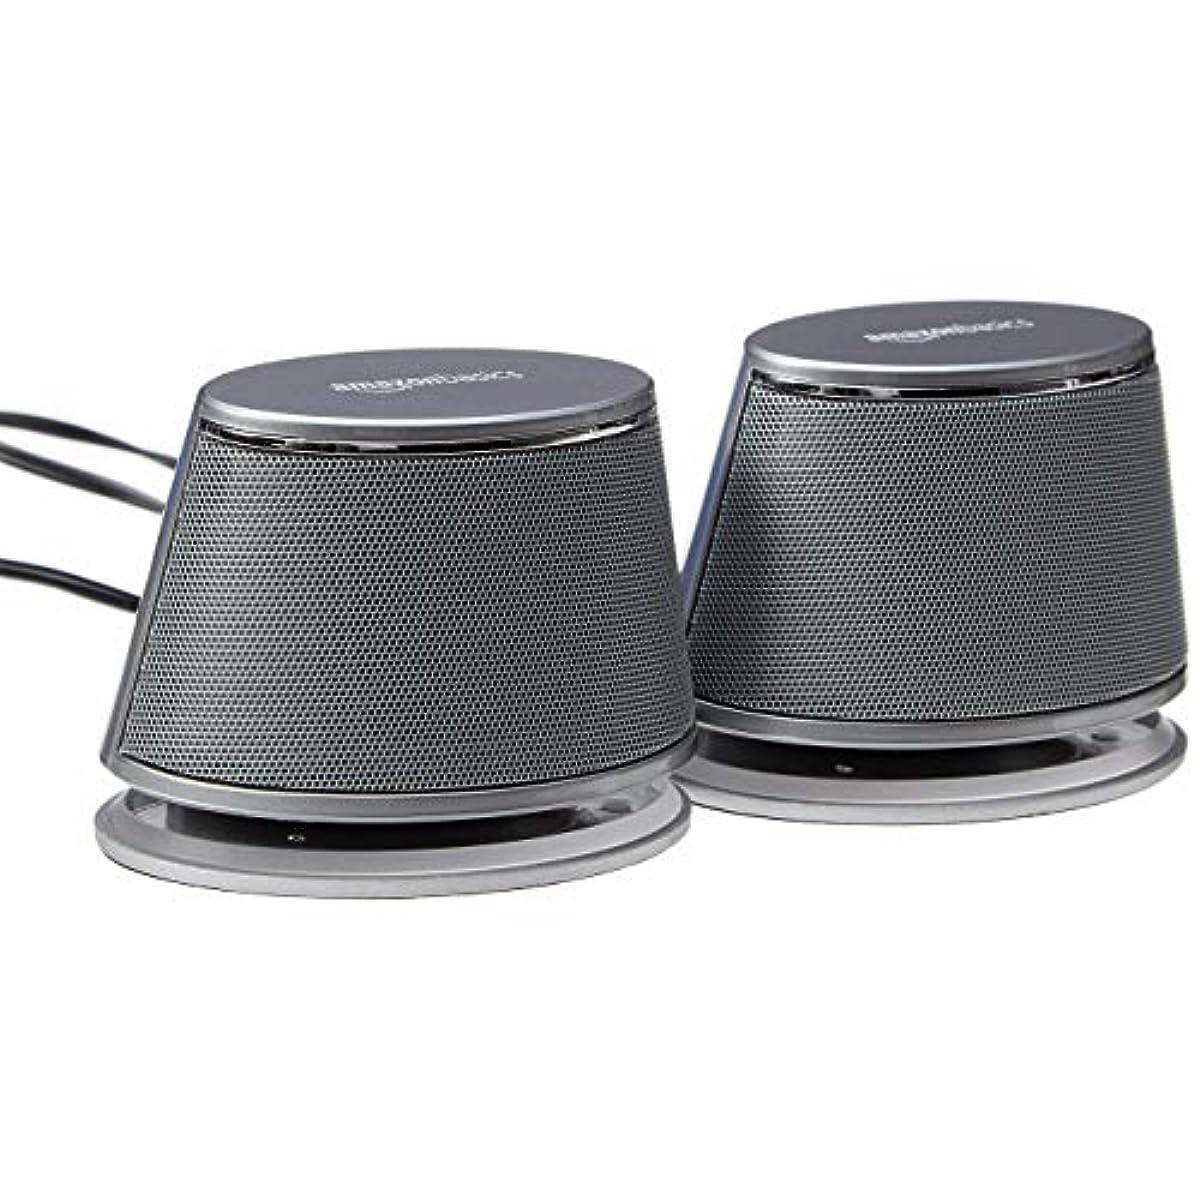 [해외] AMAZONBASICS USB-POWERED COMPUTER SPEAKERS WITH DYNAMIC SOUND | SILVER